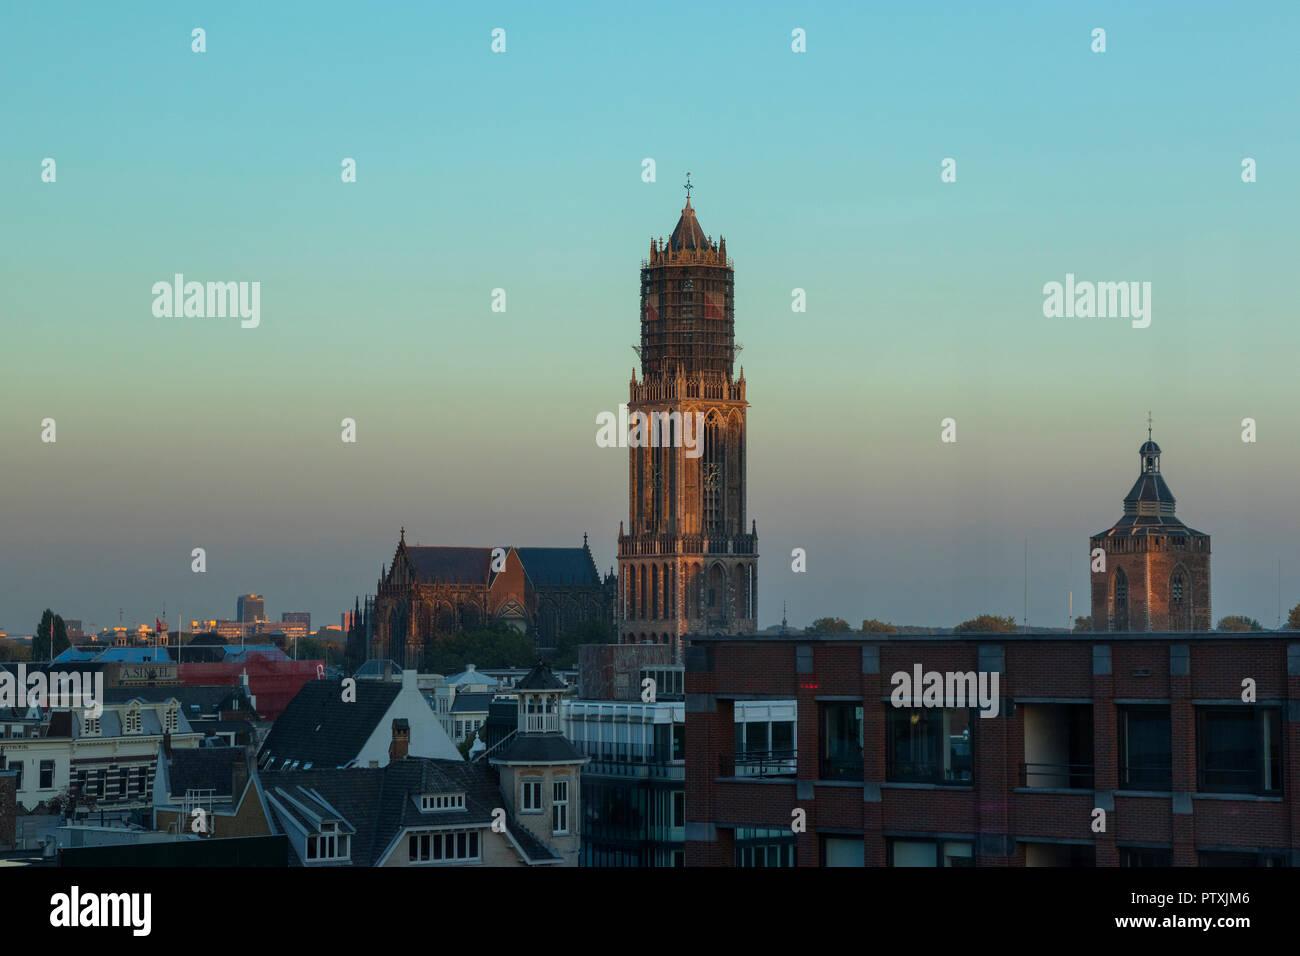 Utrecht, Países Bajos - Septiembre 27, 2018: la catedral de San Martín o la iglesia Dom en Utrecht en penumbra Imagen De Stock